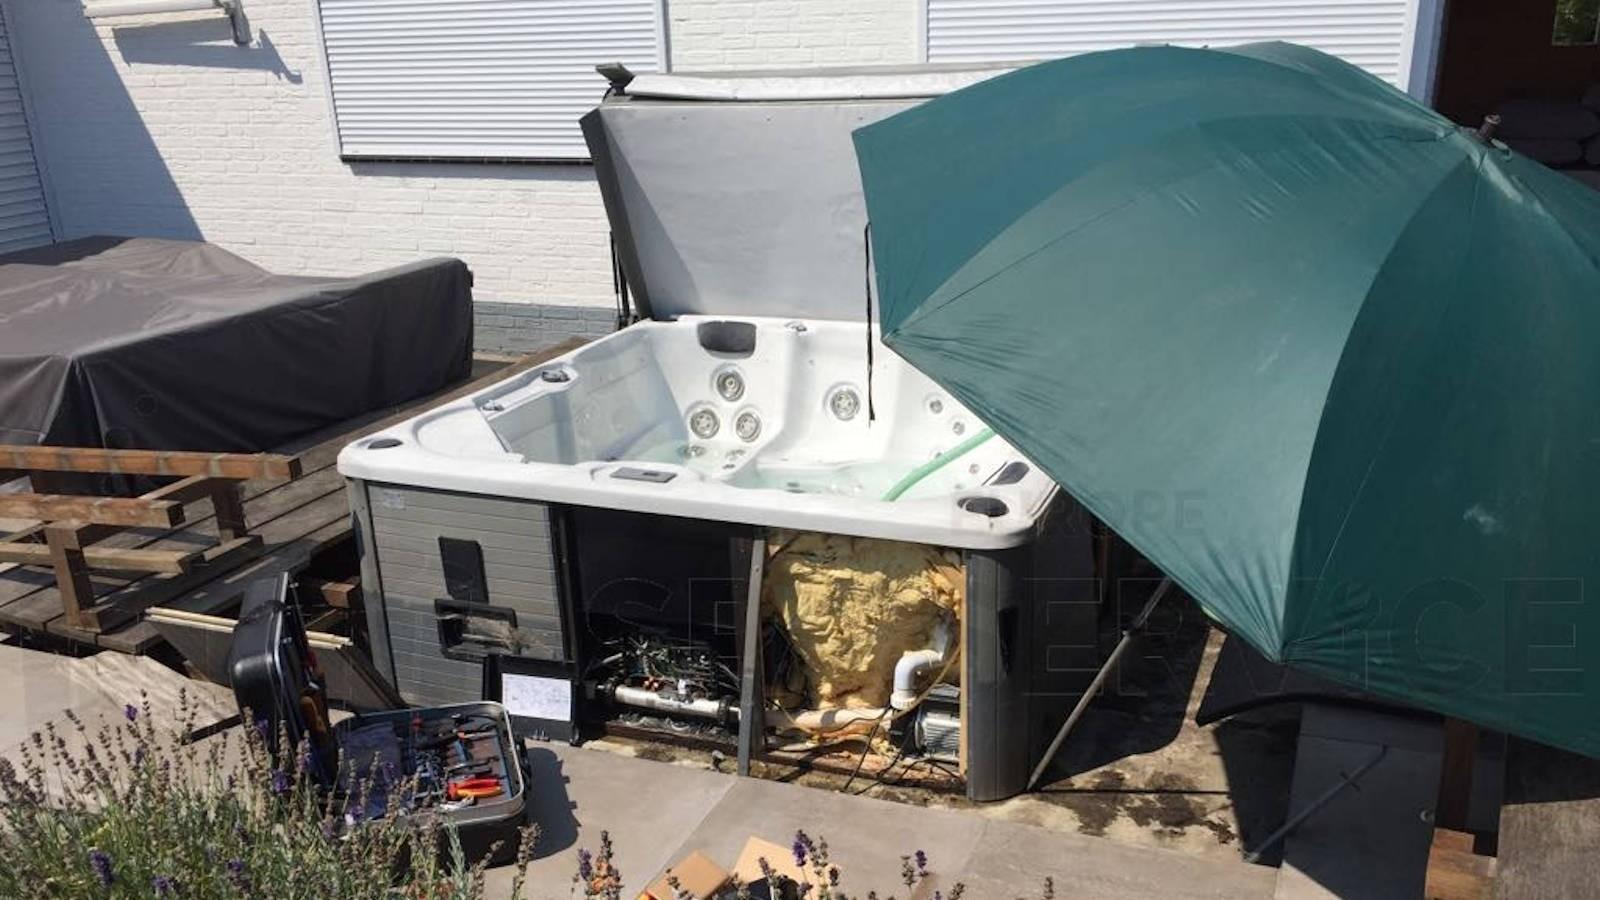 Ozonator vervangen en algehele controle van een Sunspa spa in Eindhoven